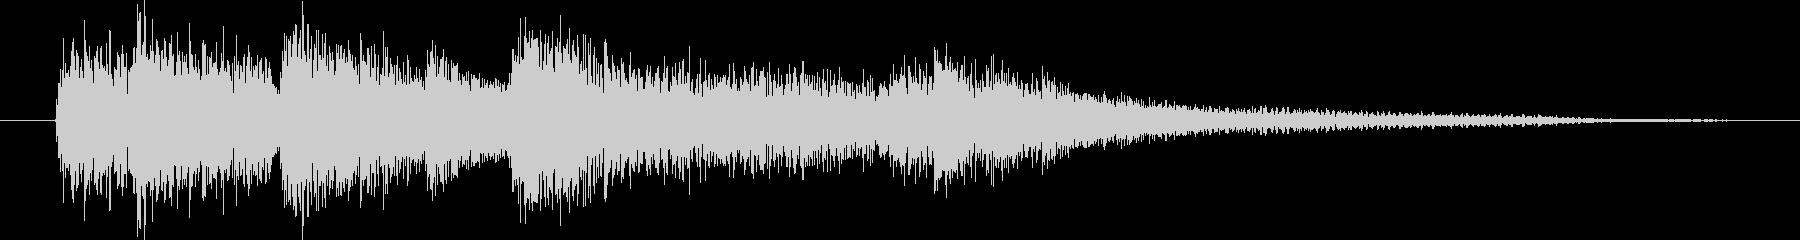 ピアノ生演奏/CM前・ジングル・ニュースの未再生の波形